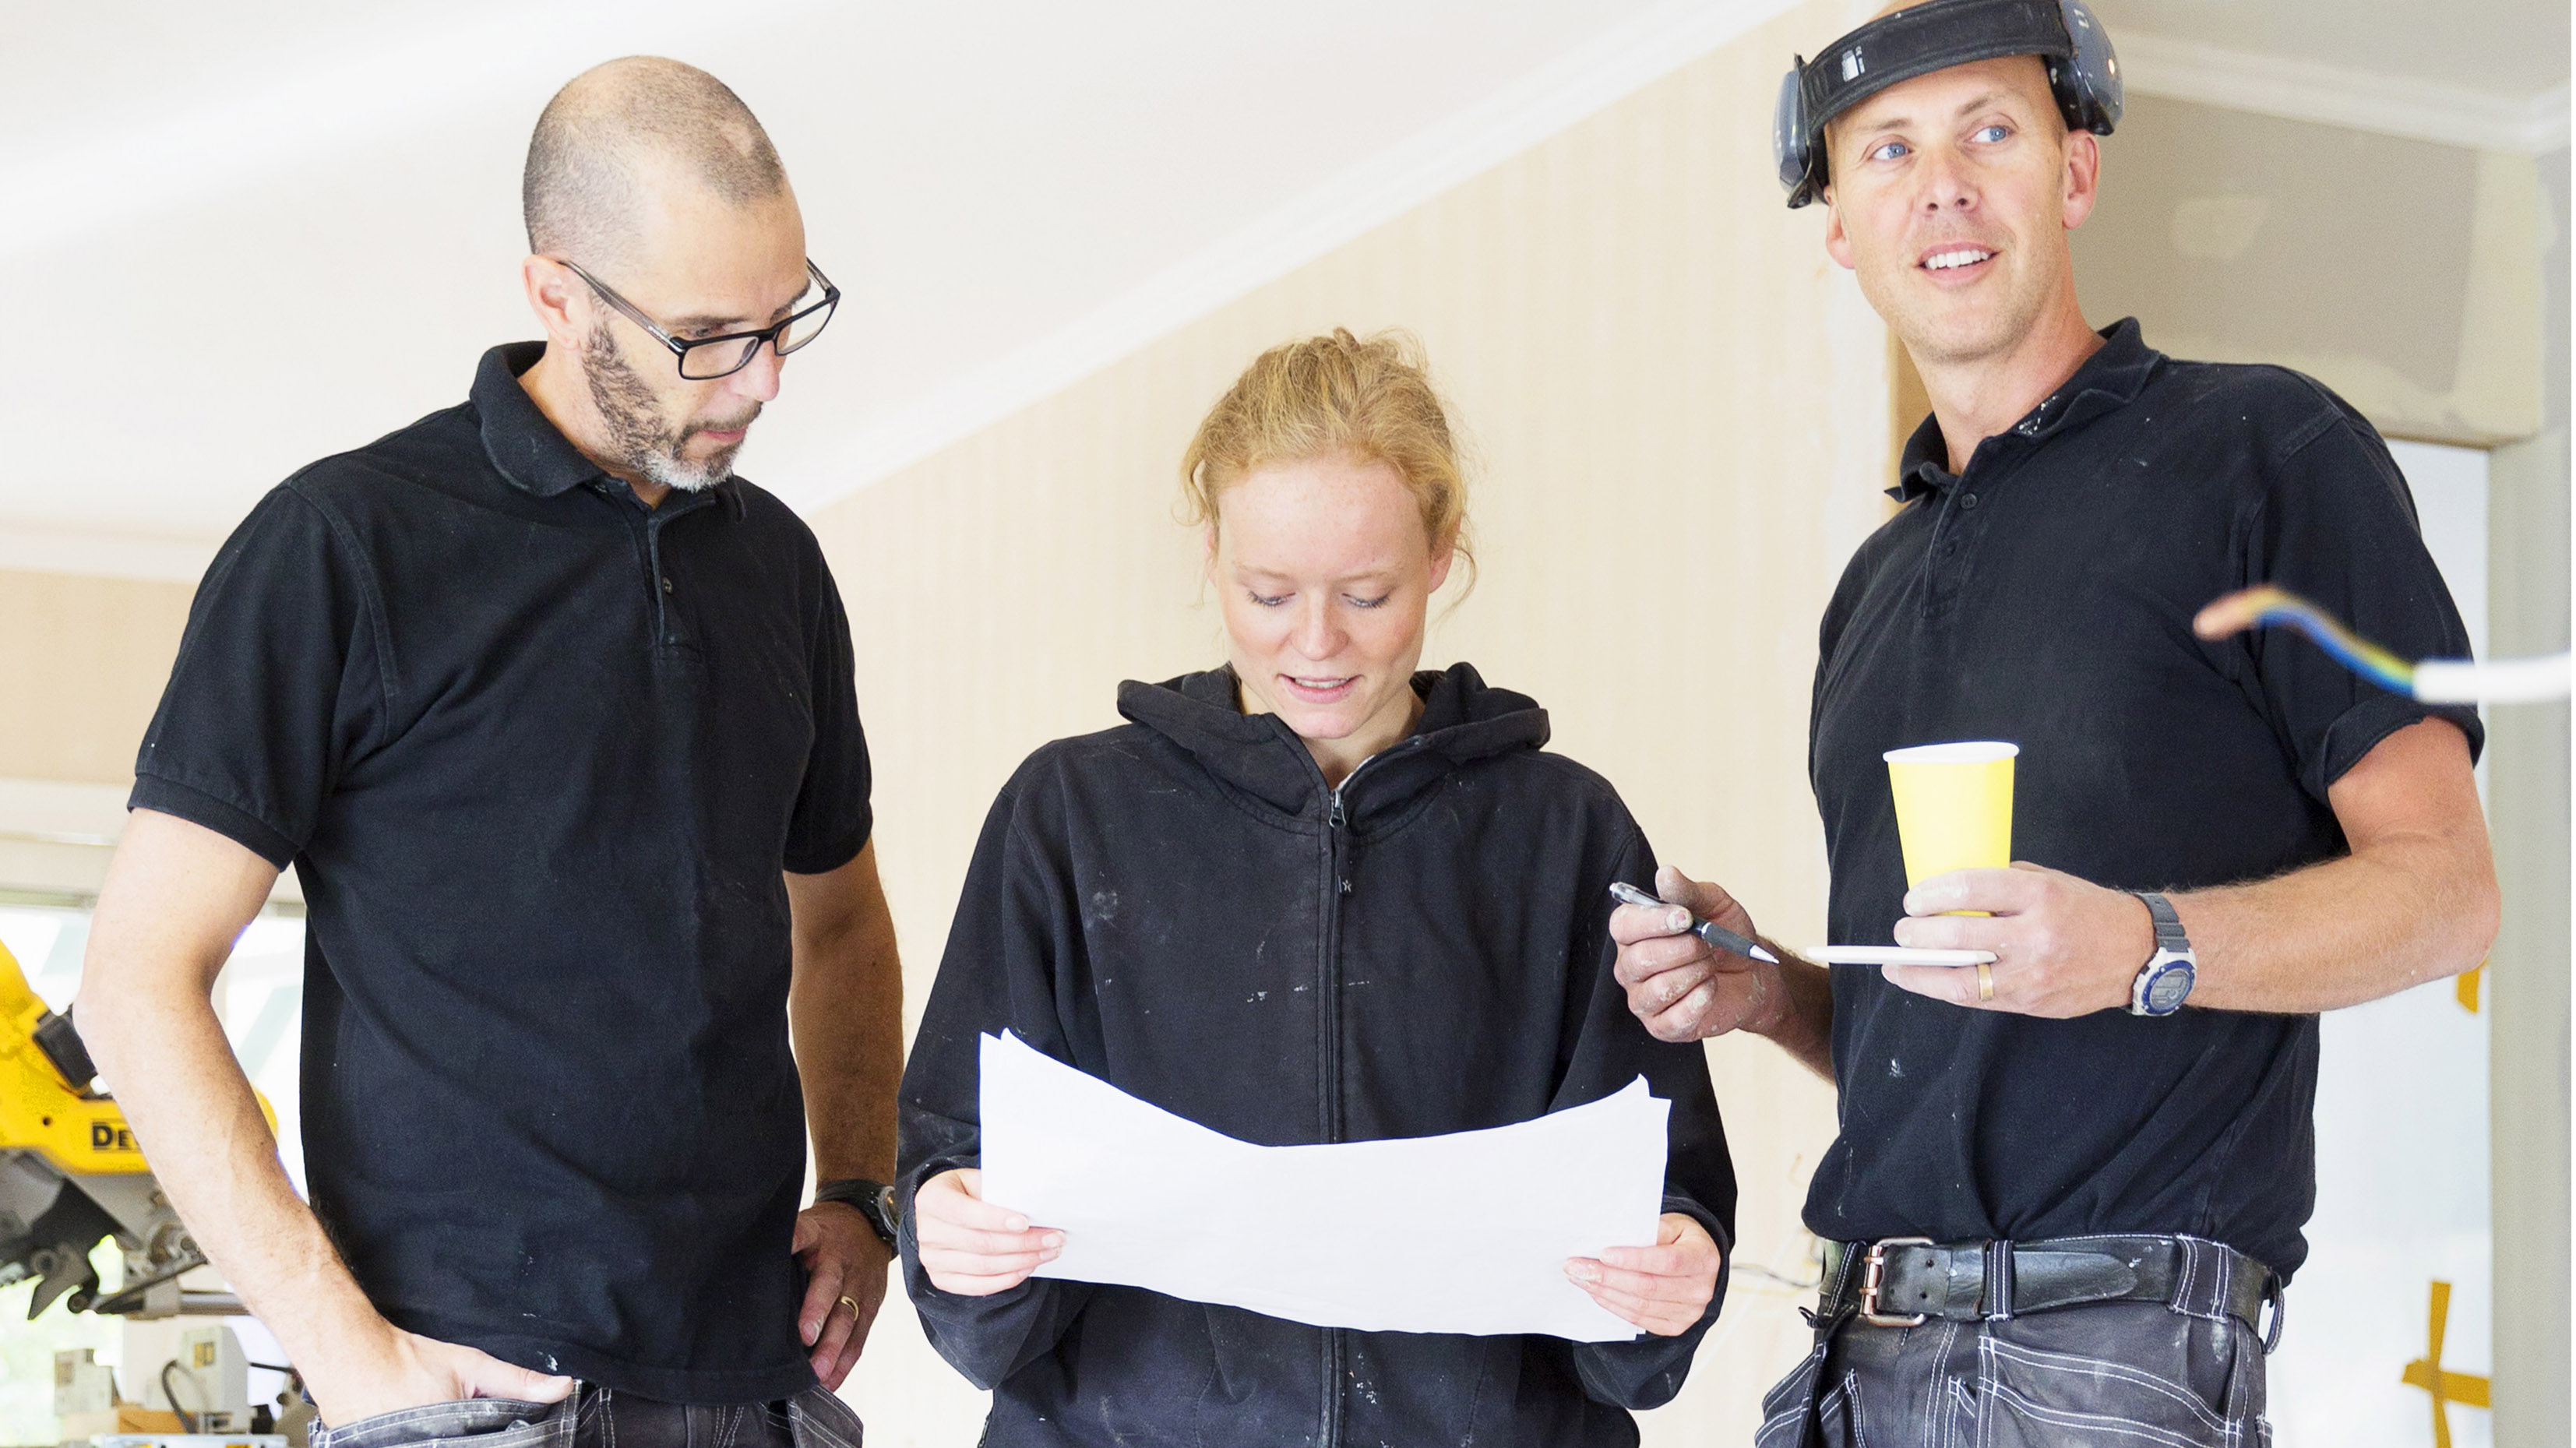 Tre hantverkare tittar på en skiss